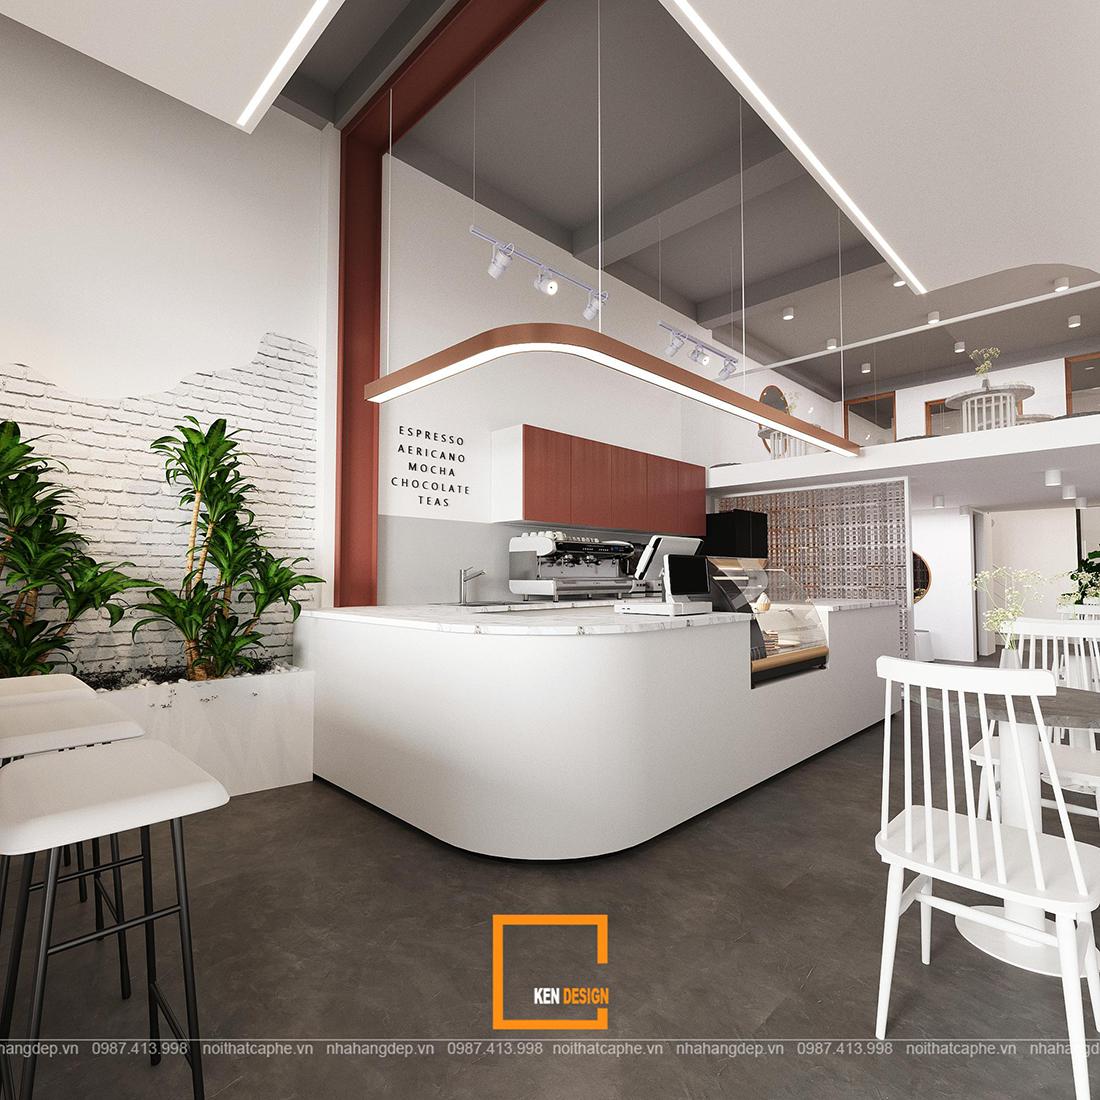 Thiết kế quán cà phê theo phong cách hiện đại trẻ trung ở Quận 1, Hồ Chí Minh